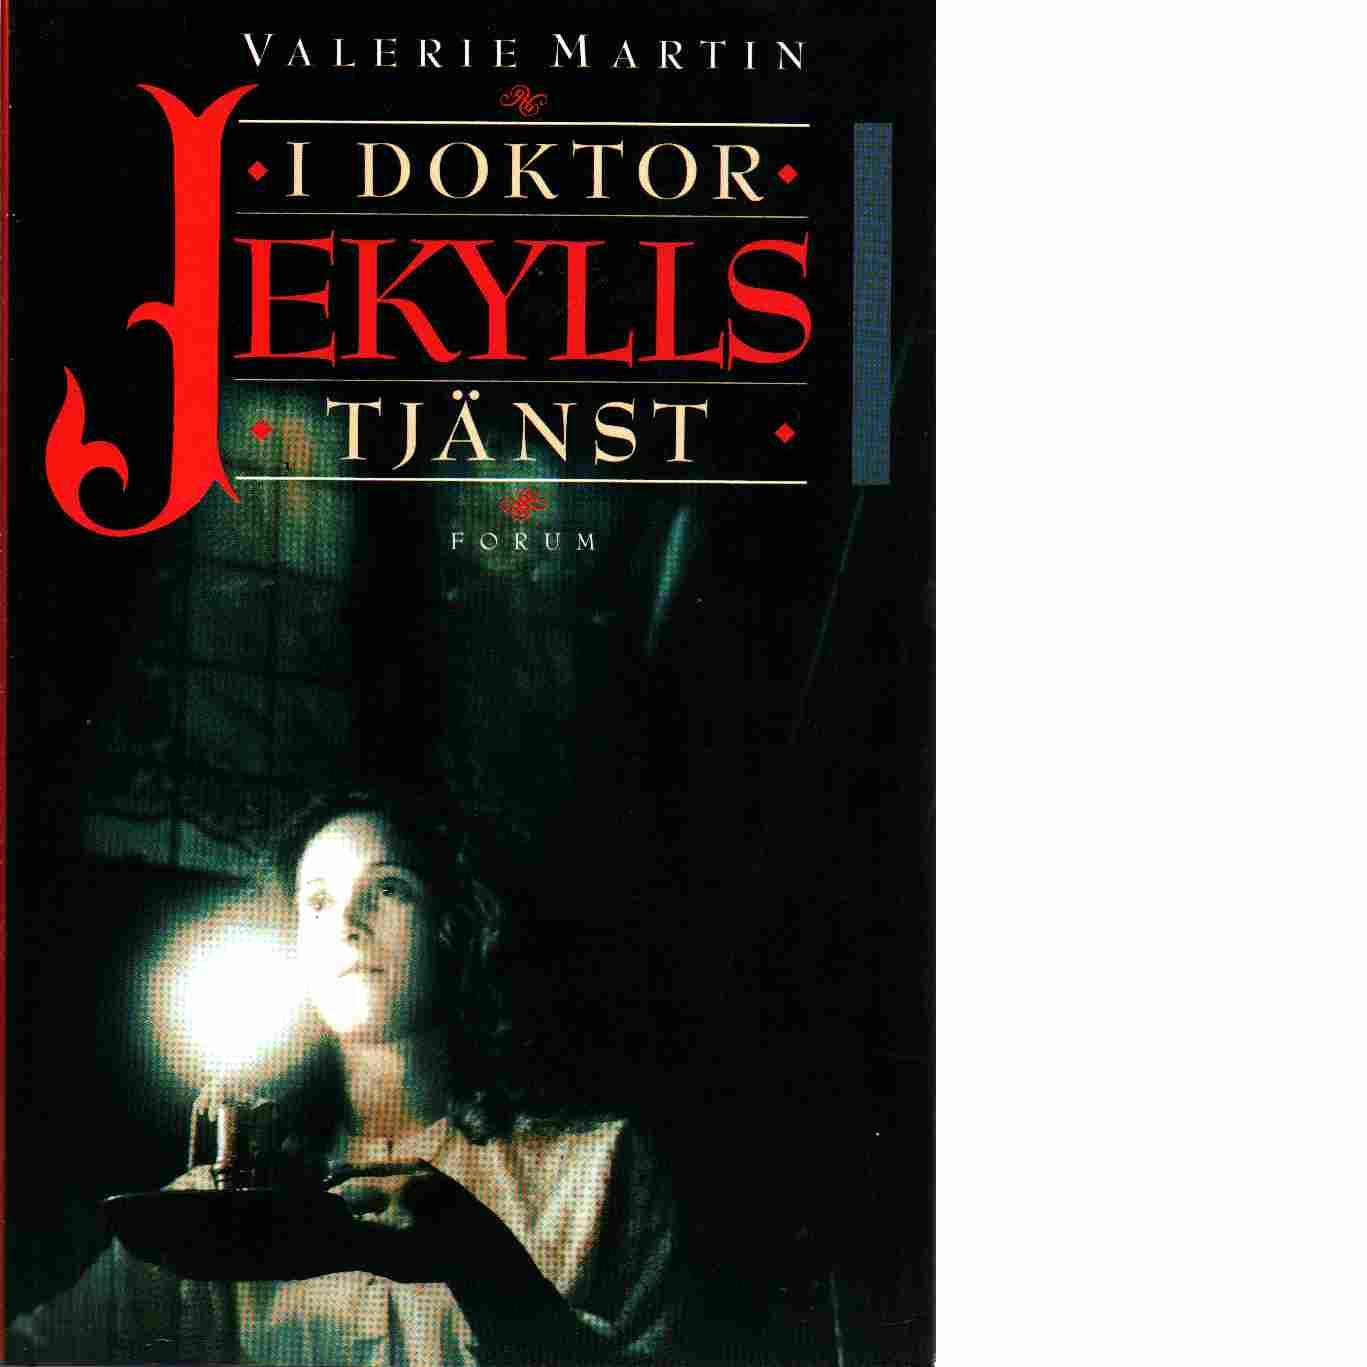 I doktor Jekylls tjänst - Martin, Valerie